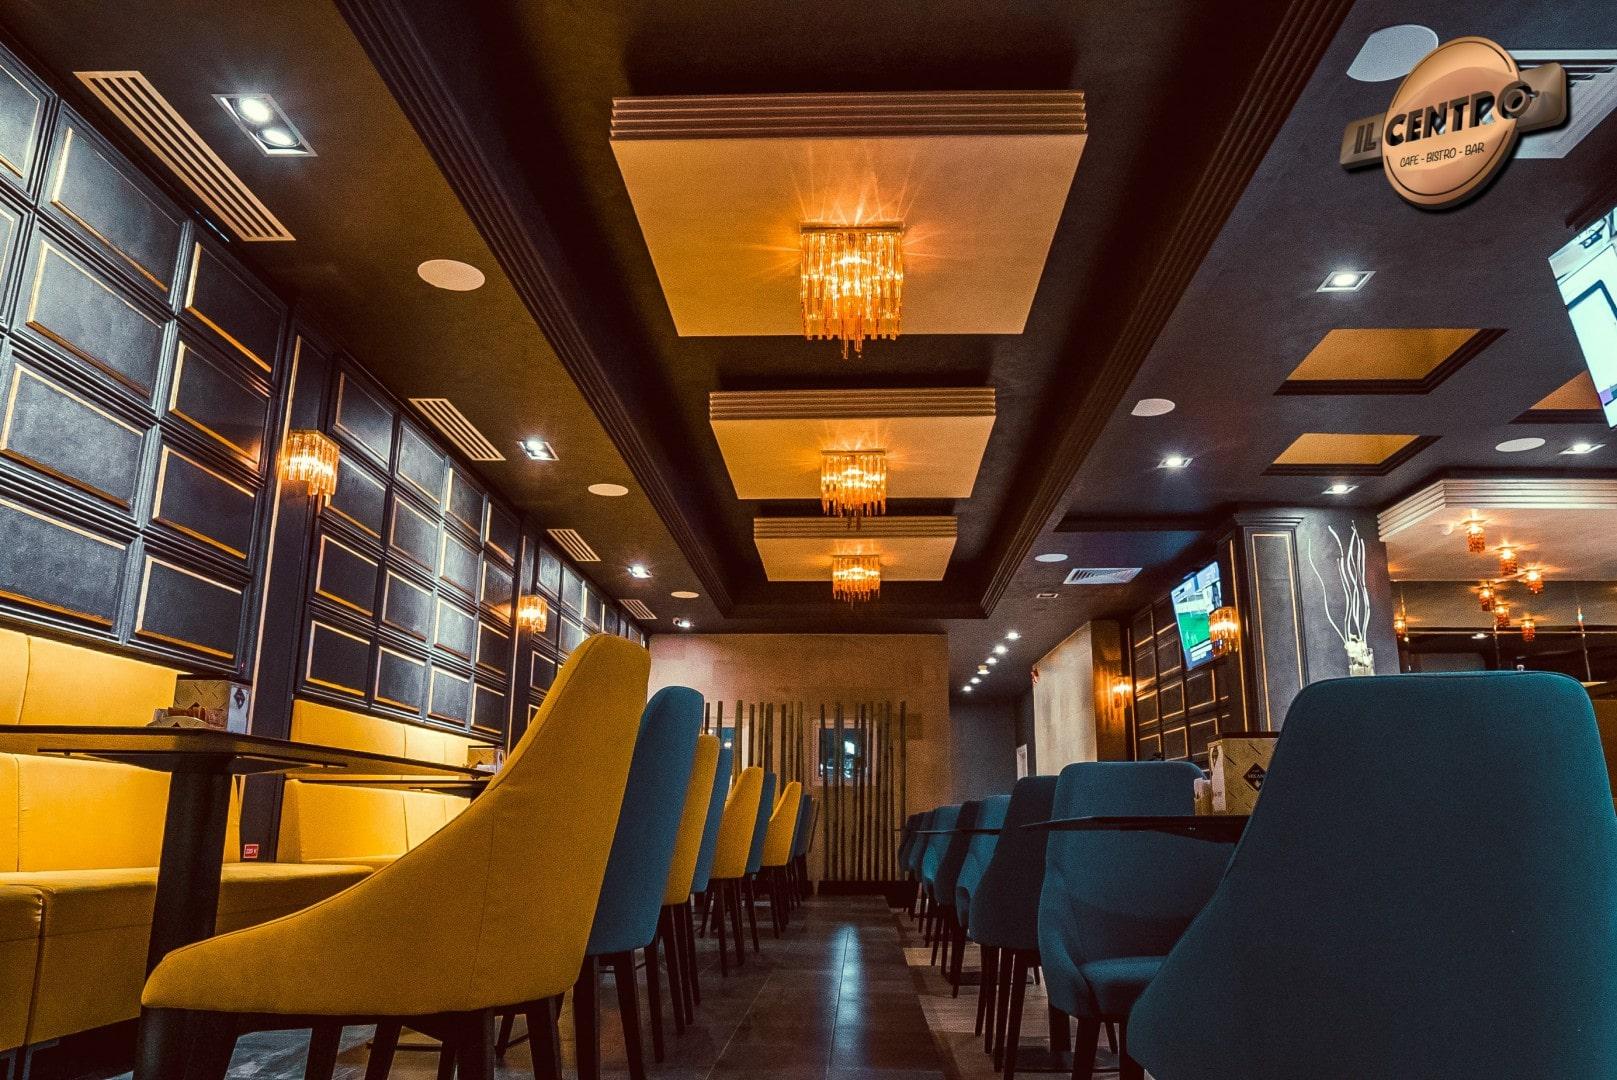 Il Centro Cafe | METALMOBIL